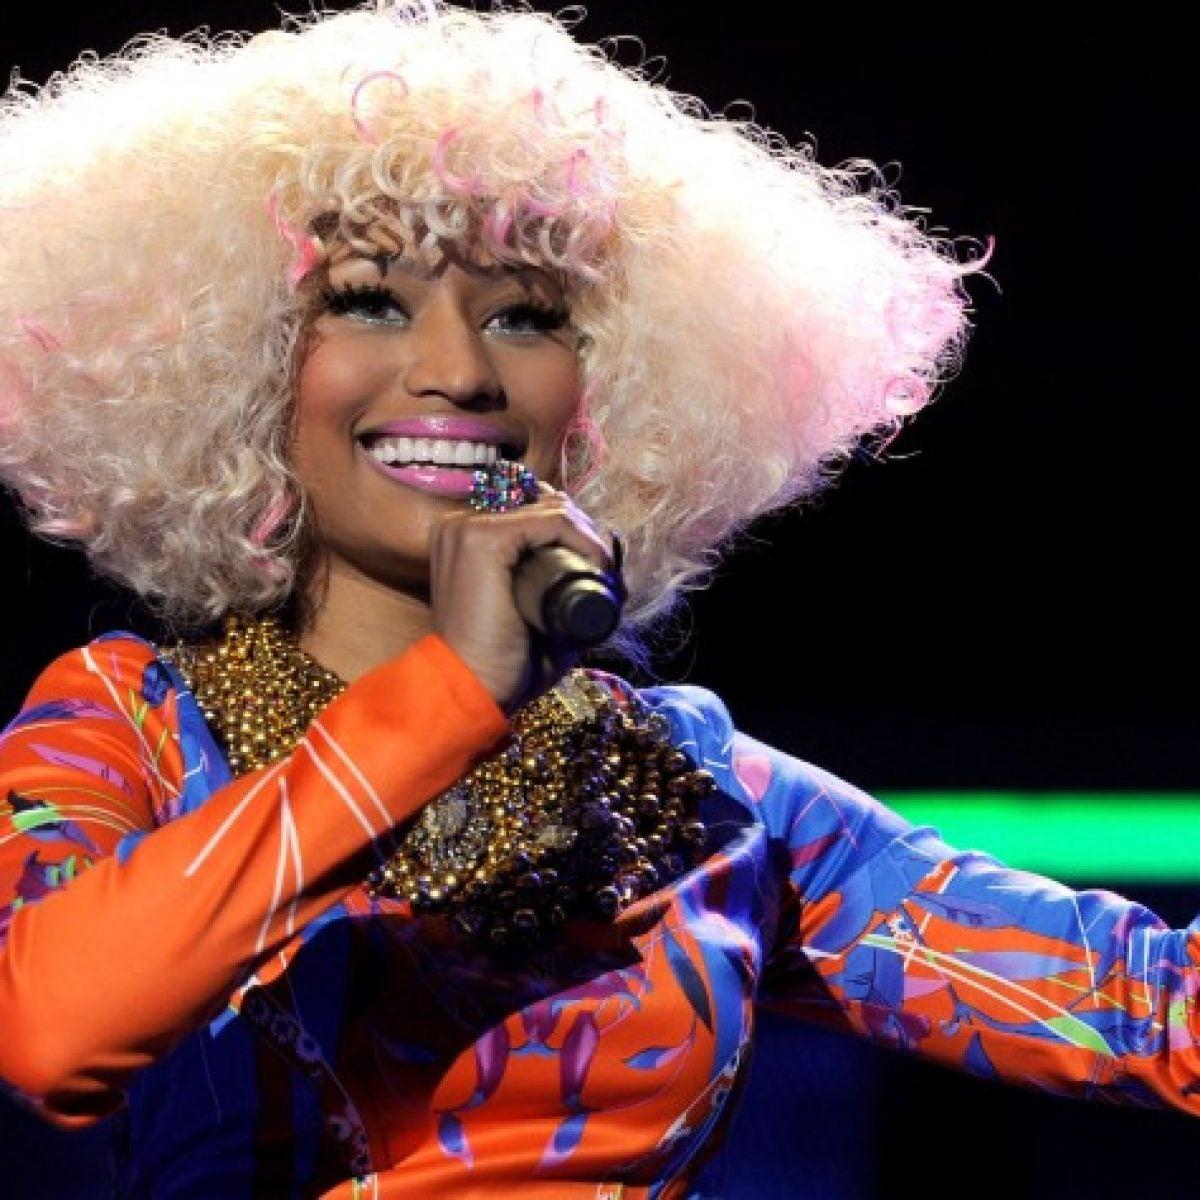 Nicki Minaj Has Always Been A Hair And Makeup MVP And A 'Drag Race' Inspiration